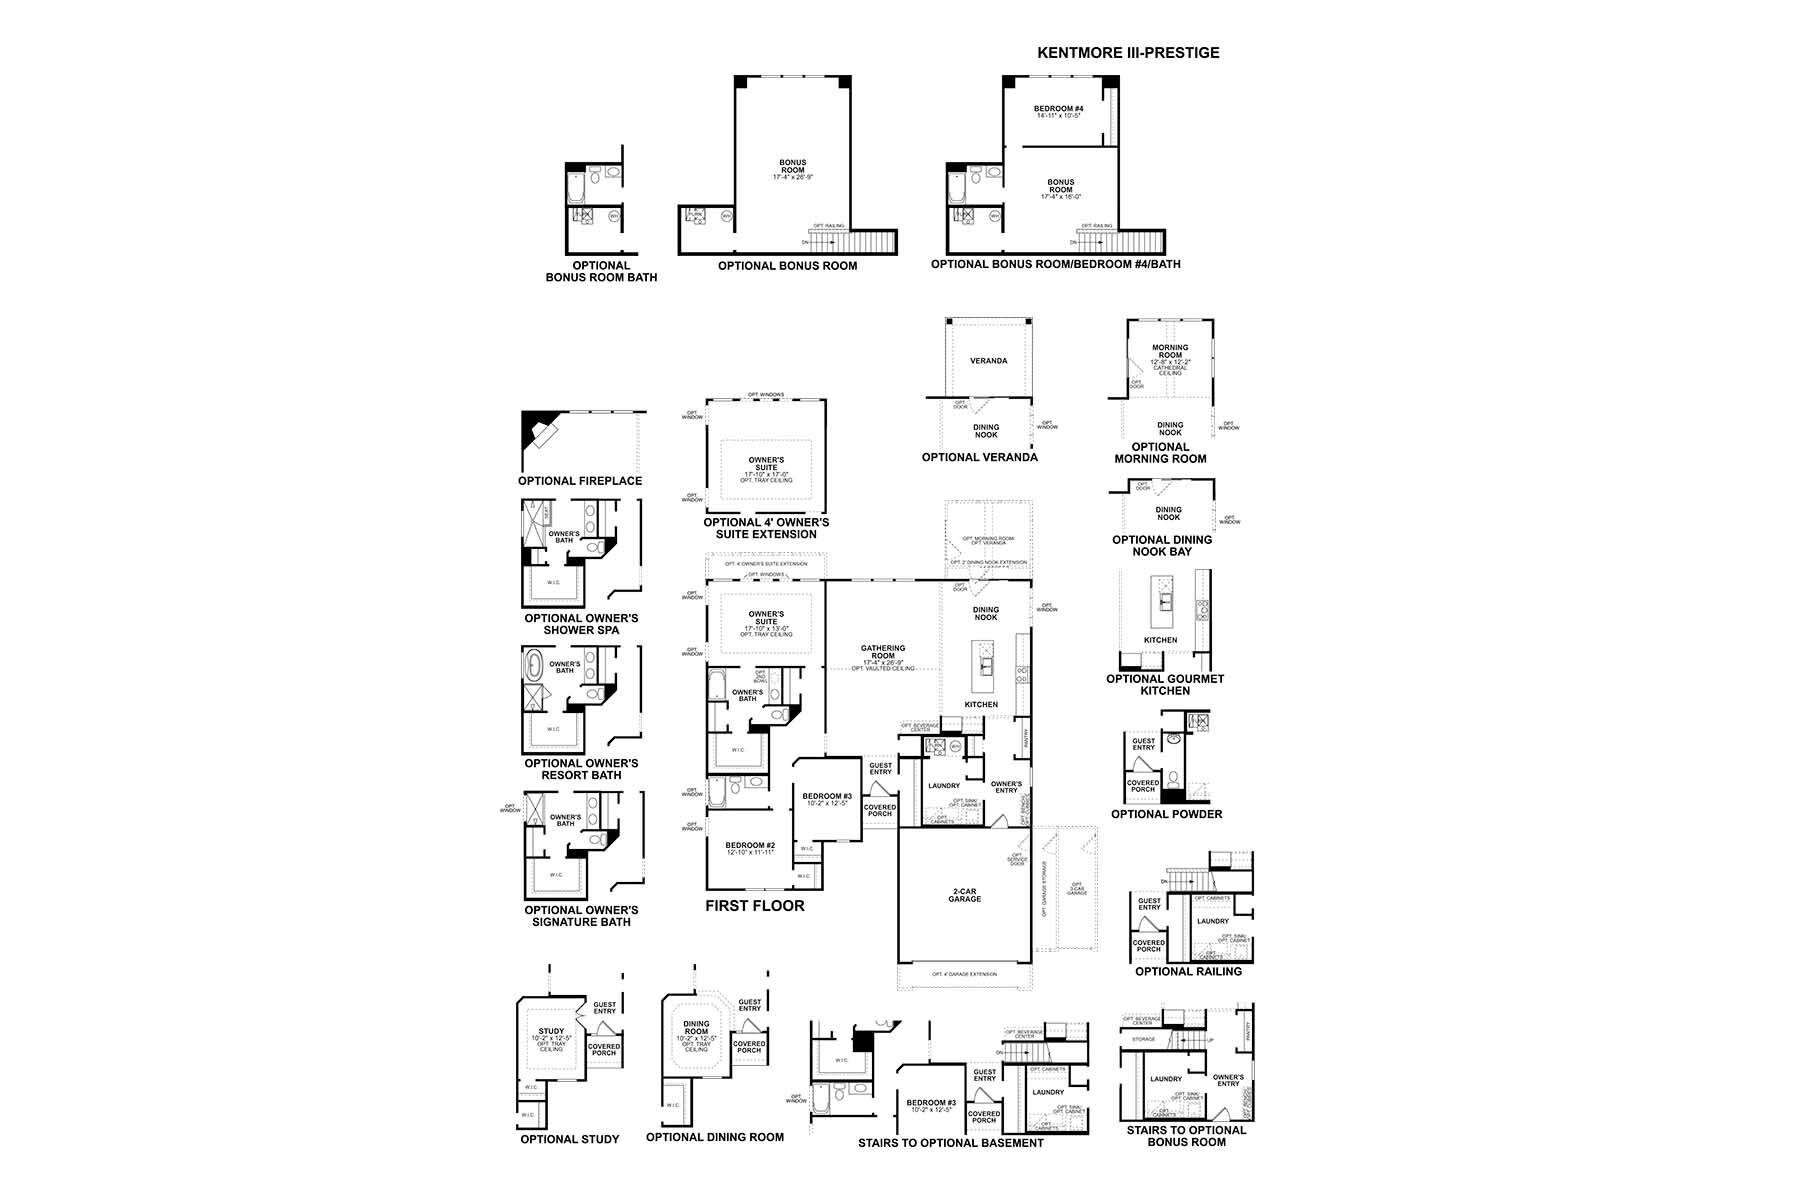 Kentmore III First Floor